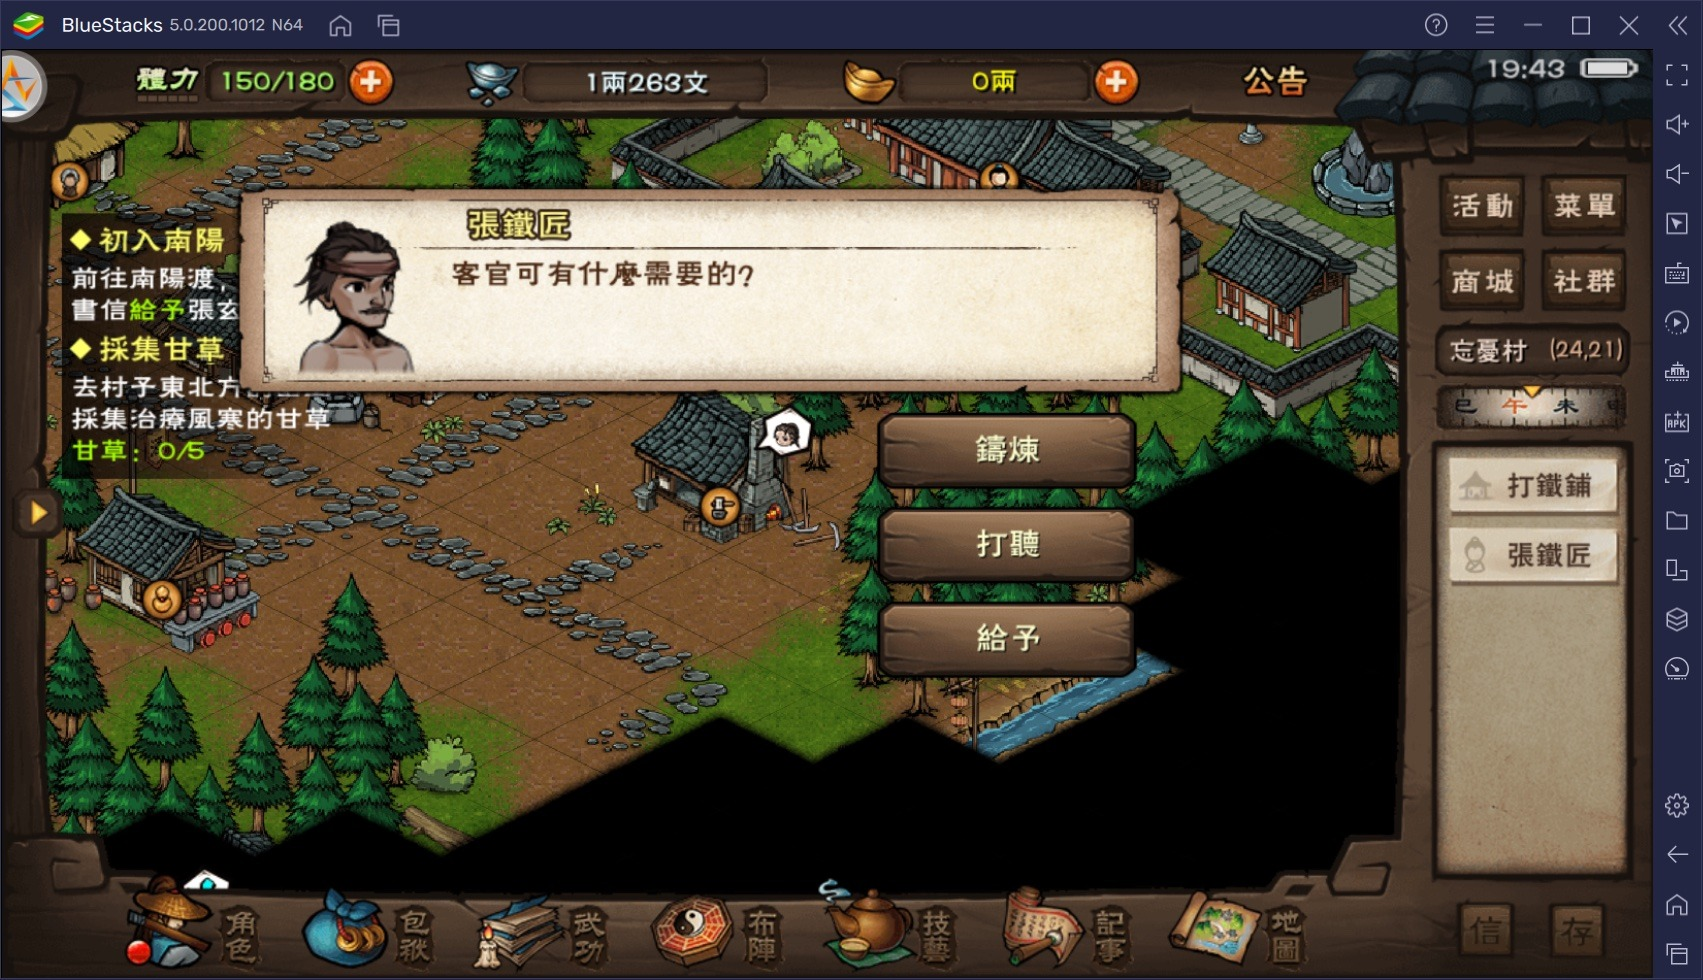 如何用BlueStacks在PC上玩手機遊戲《煙雨江湖》